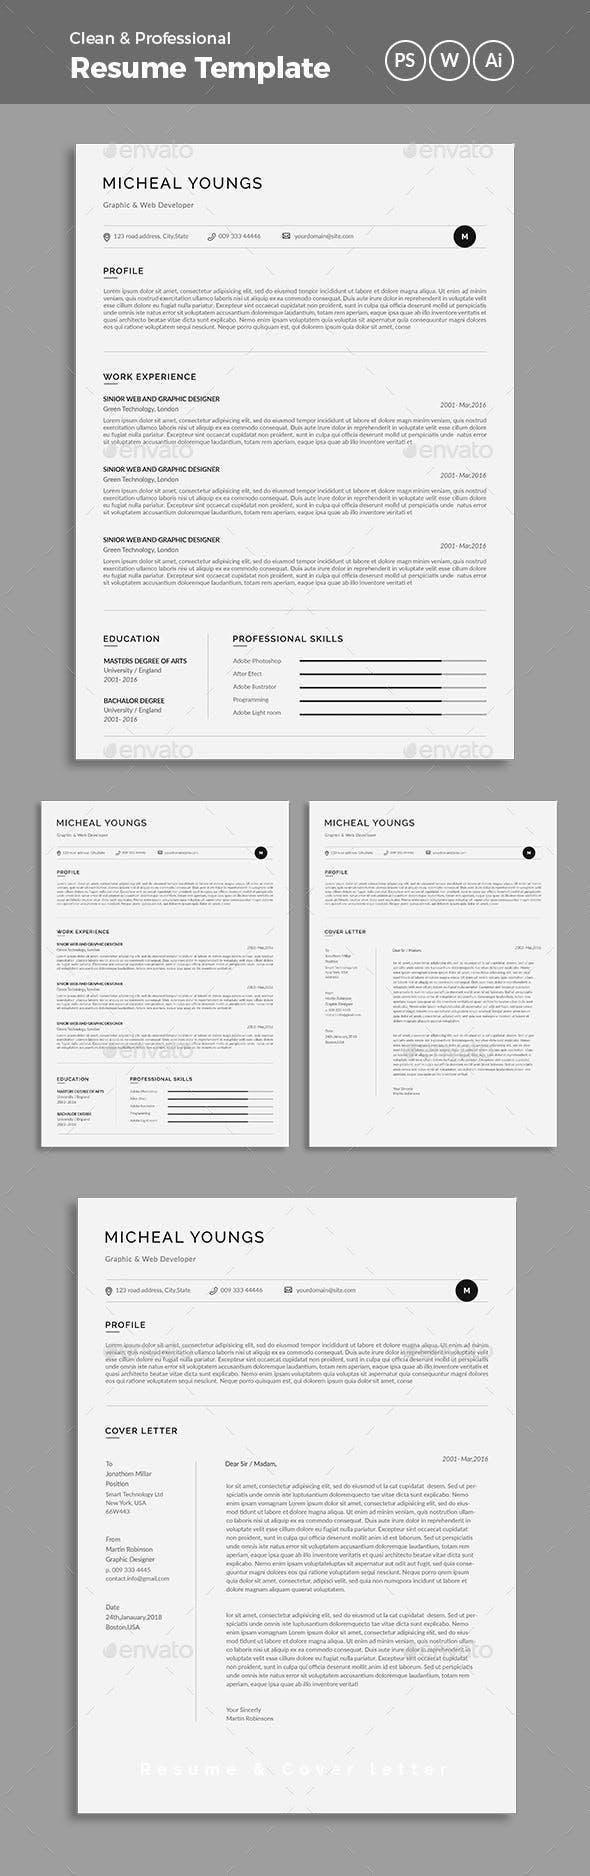 Resume Resume design, Cover letter for resume, Best